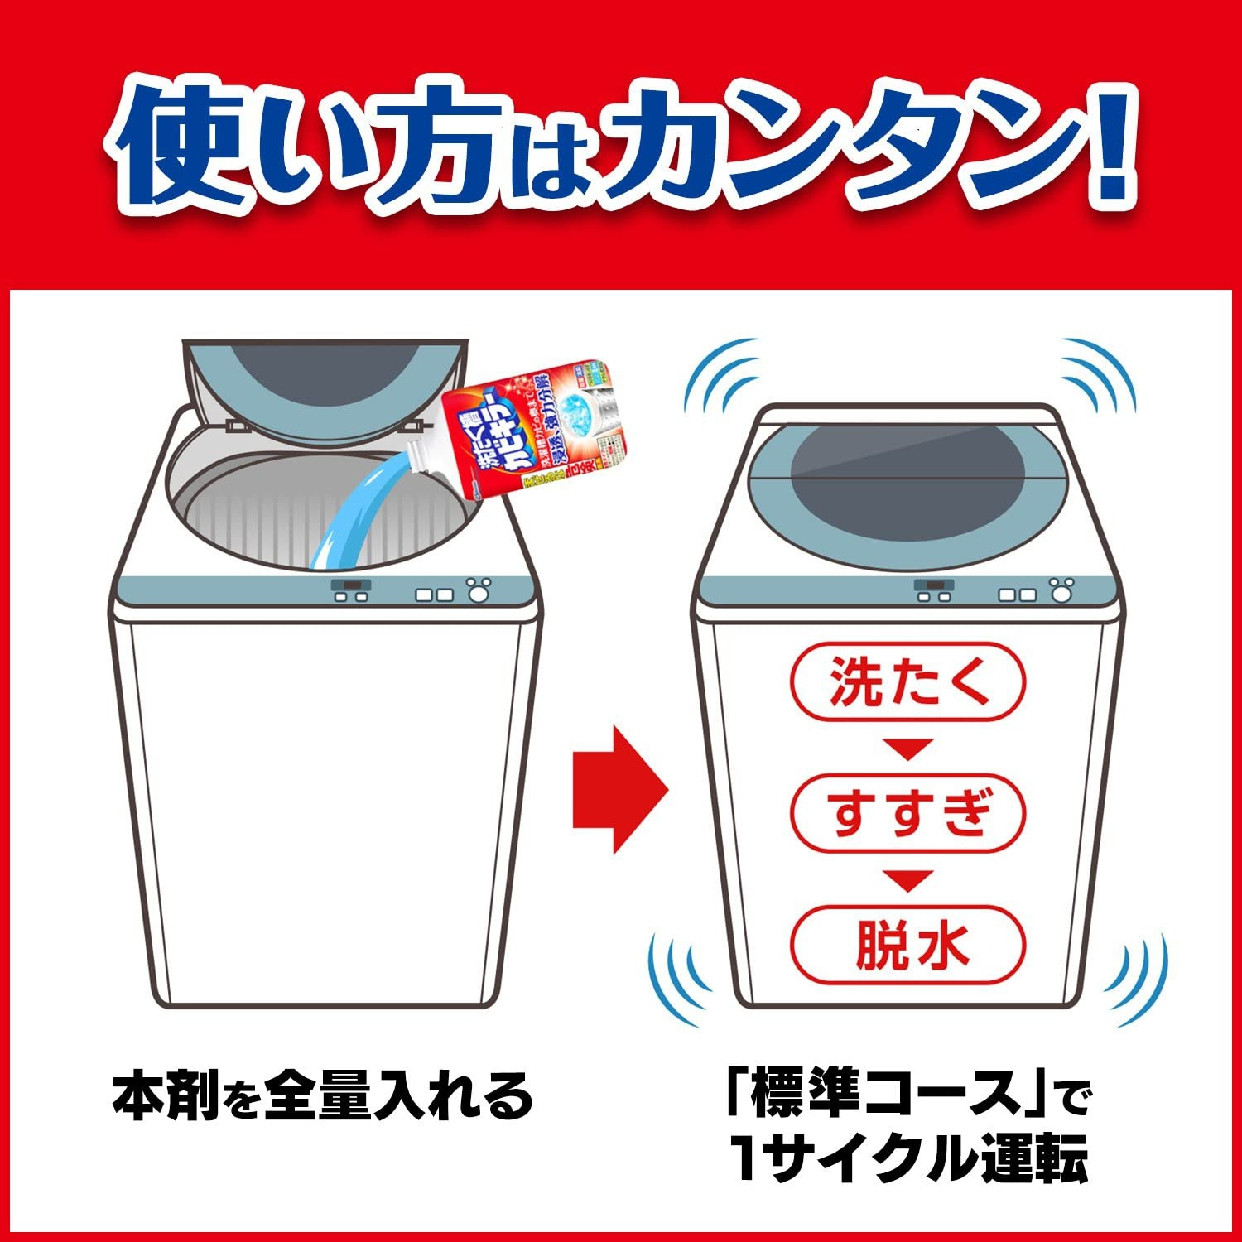 カビキラー洗たく槽カビキラー (塩素系)の商品画像6